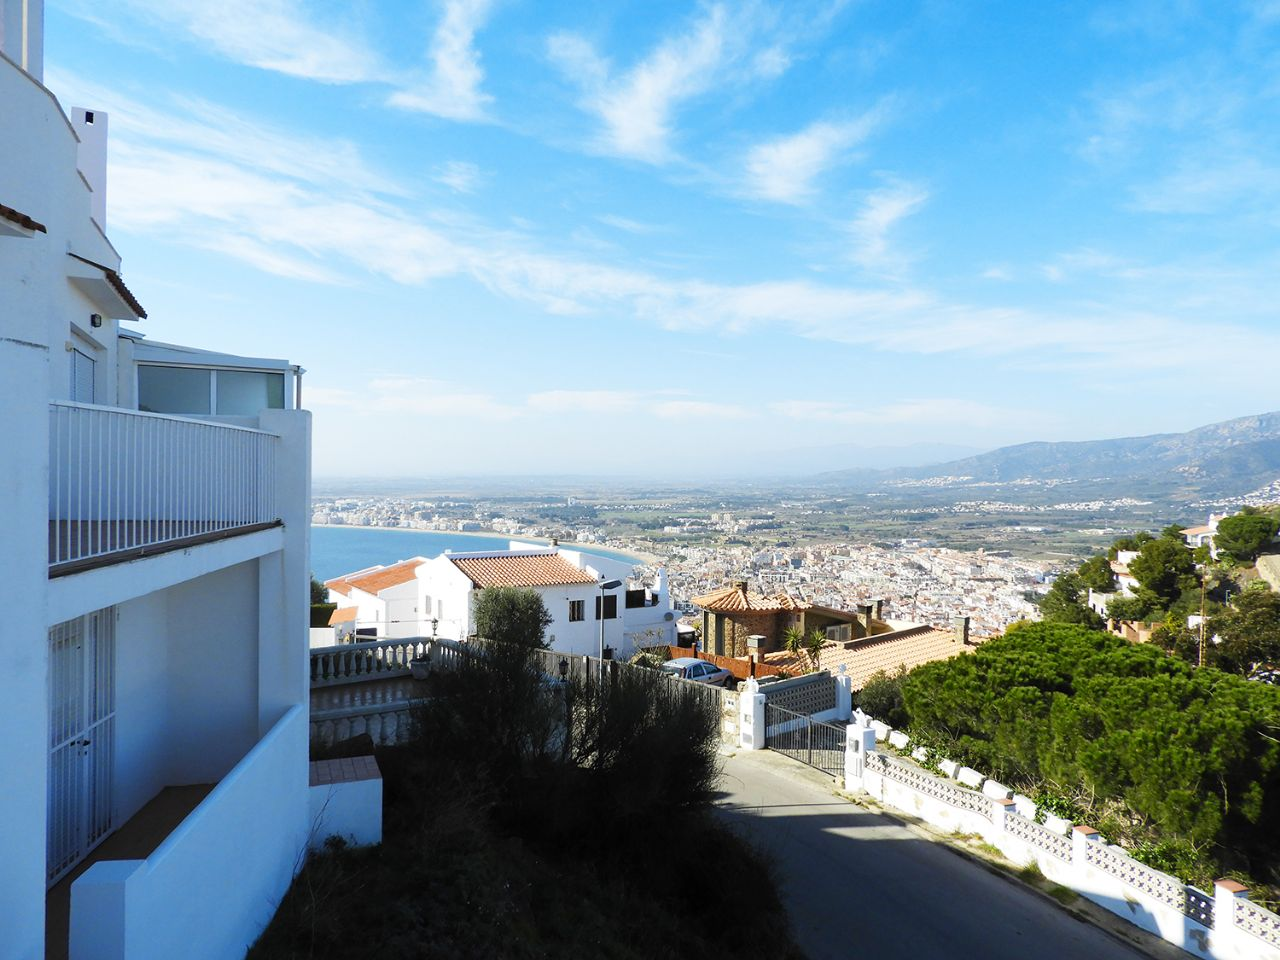 House  Puig rom. Casa adosada con vistas al mar y la montaña en puig rom